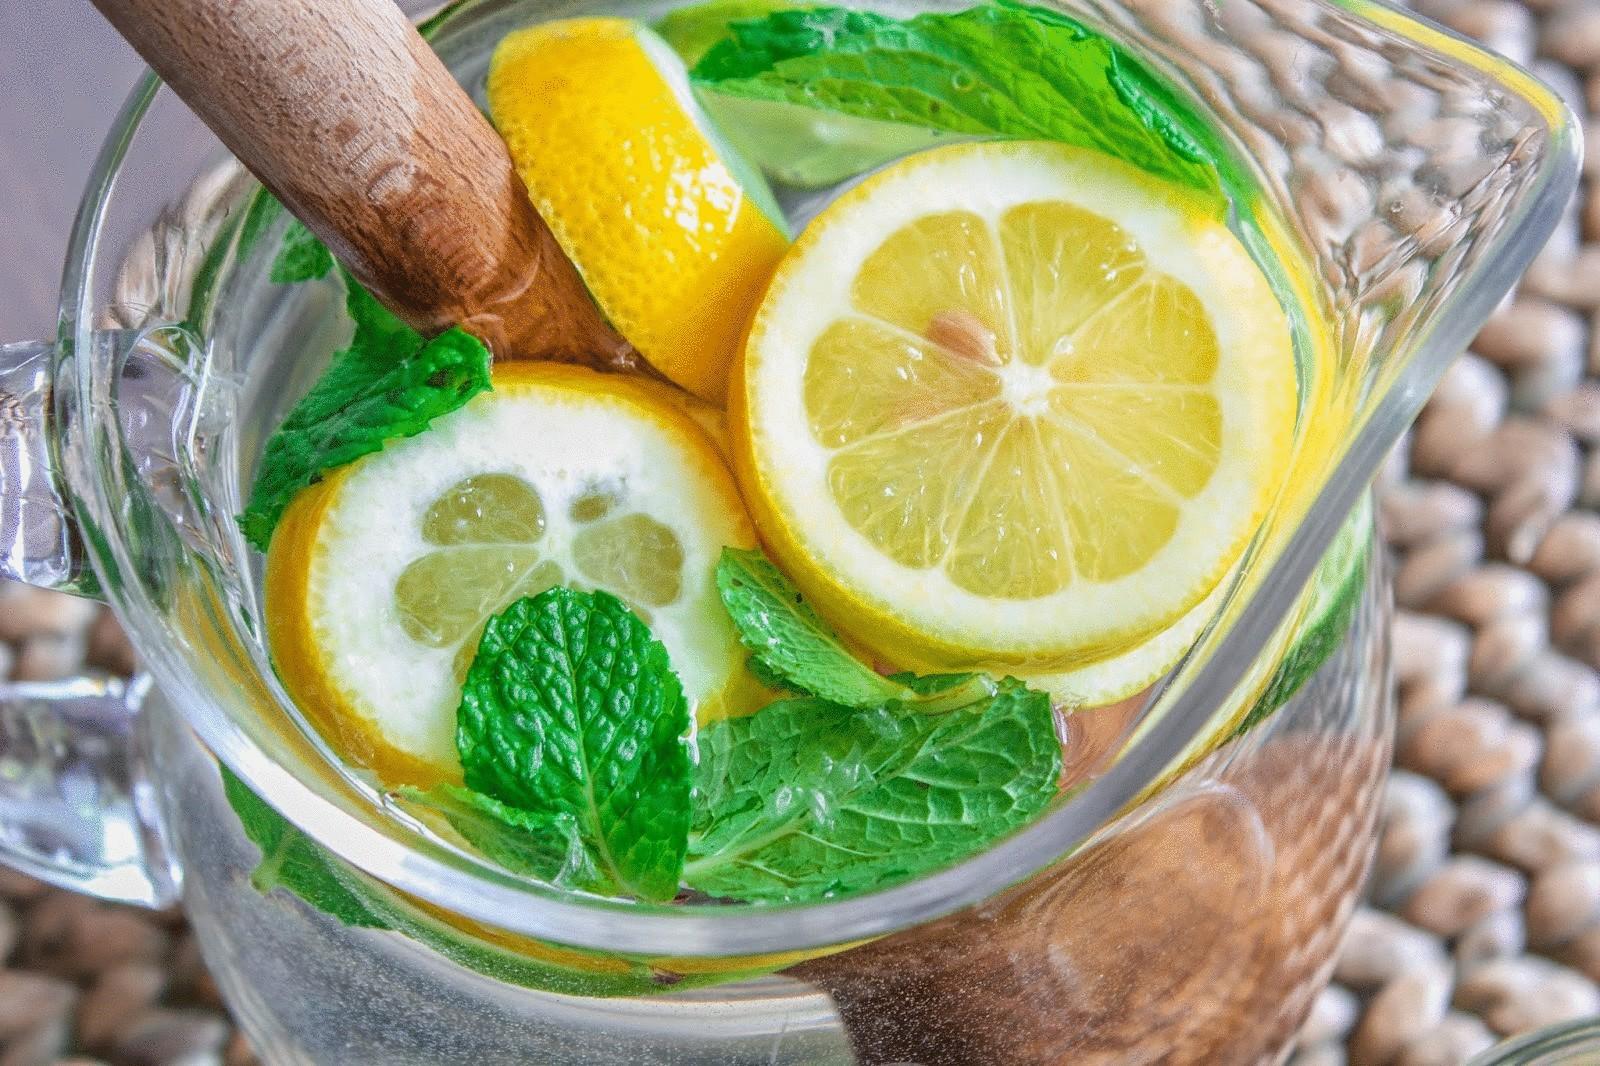 Похудение С Лимоном Соком. Вода с лимоном для похудения: как ее готовить и пить